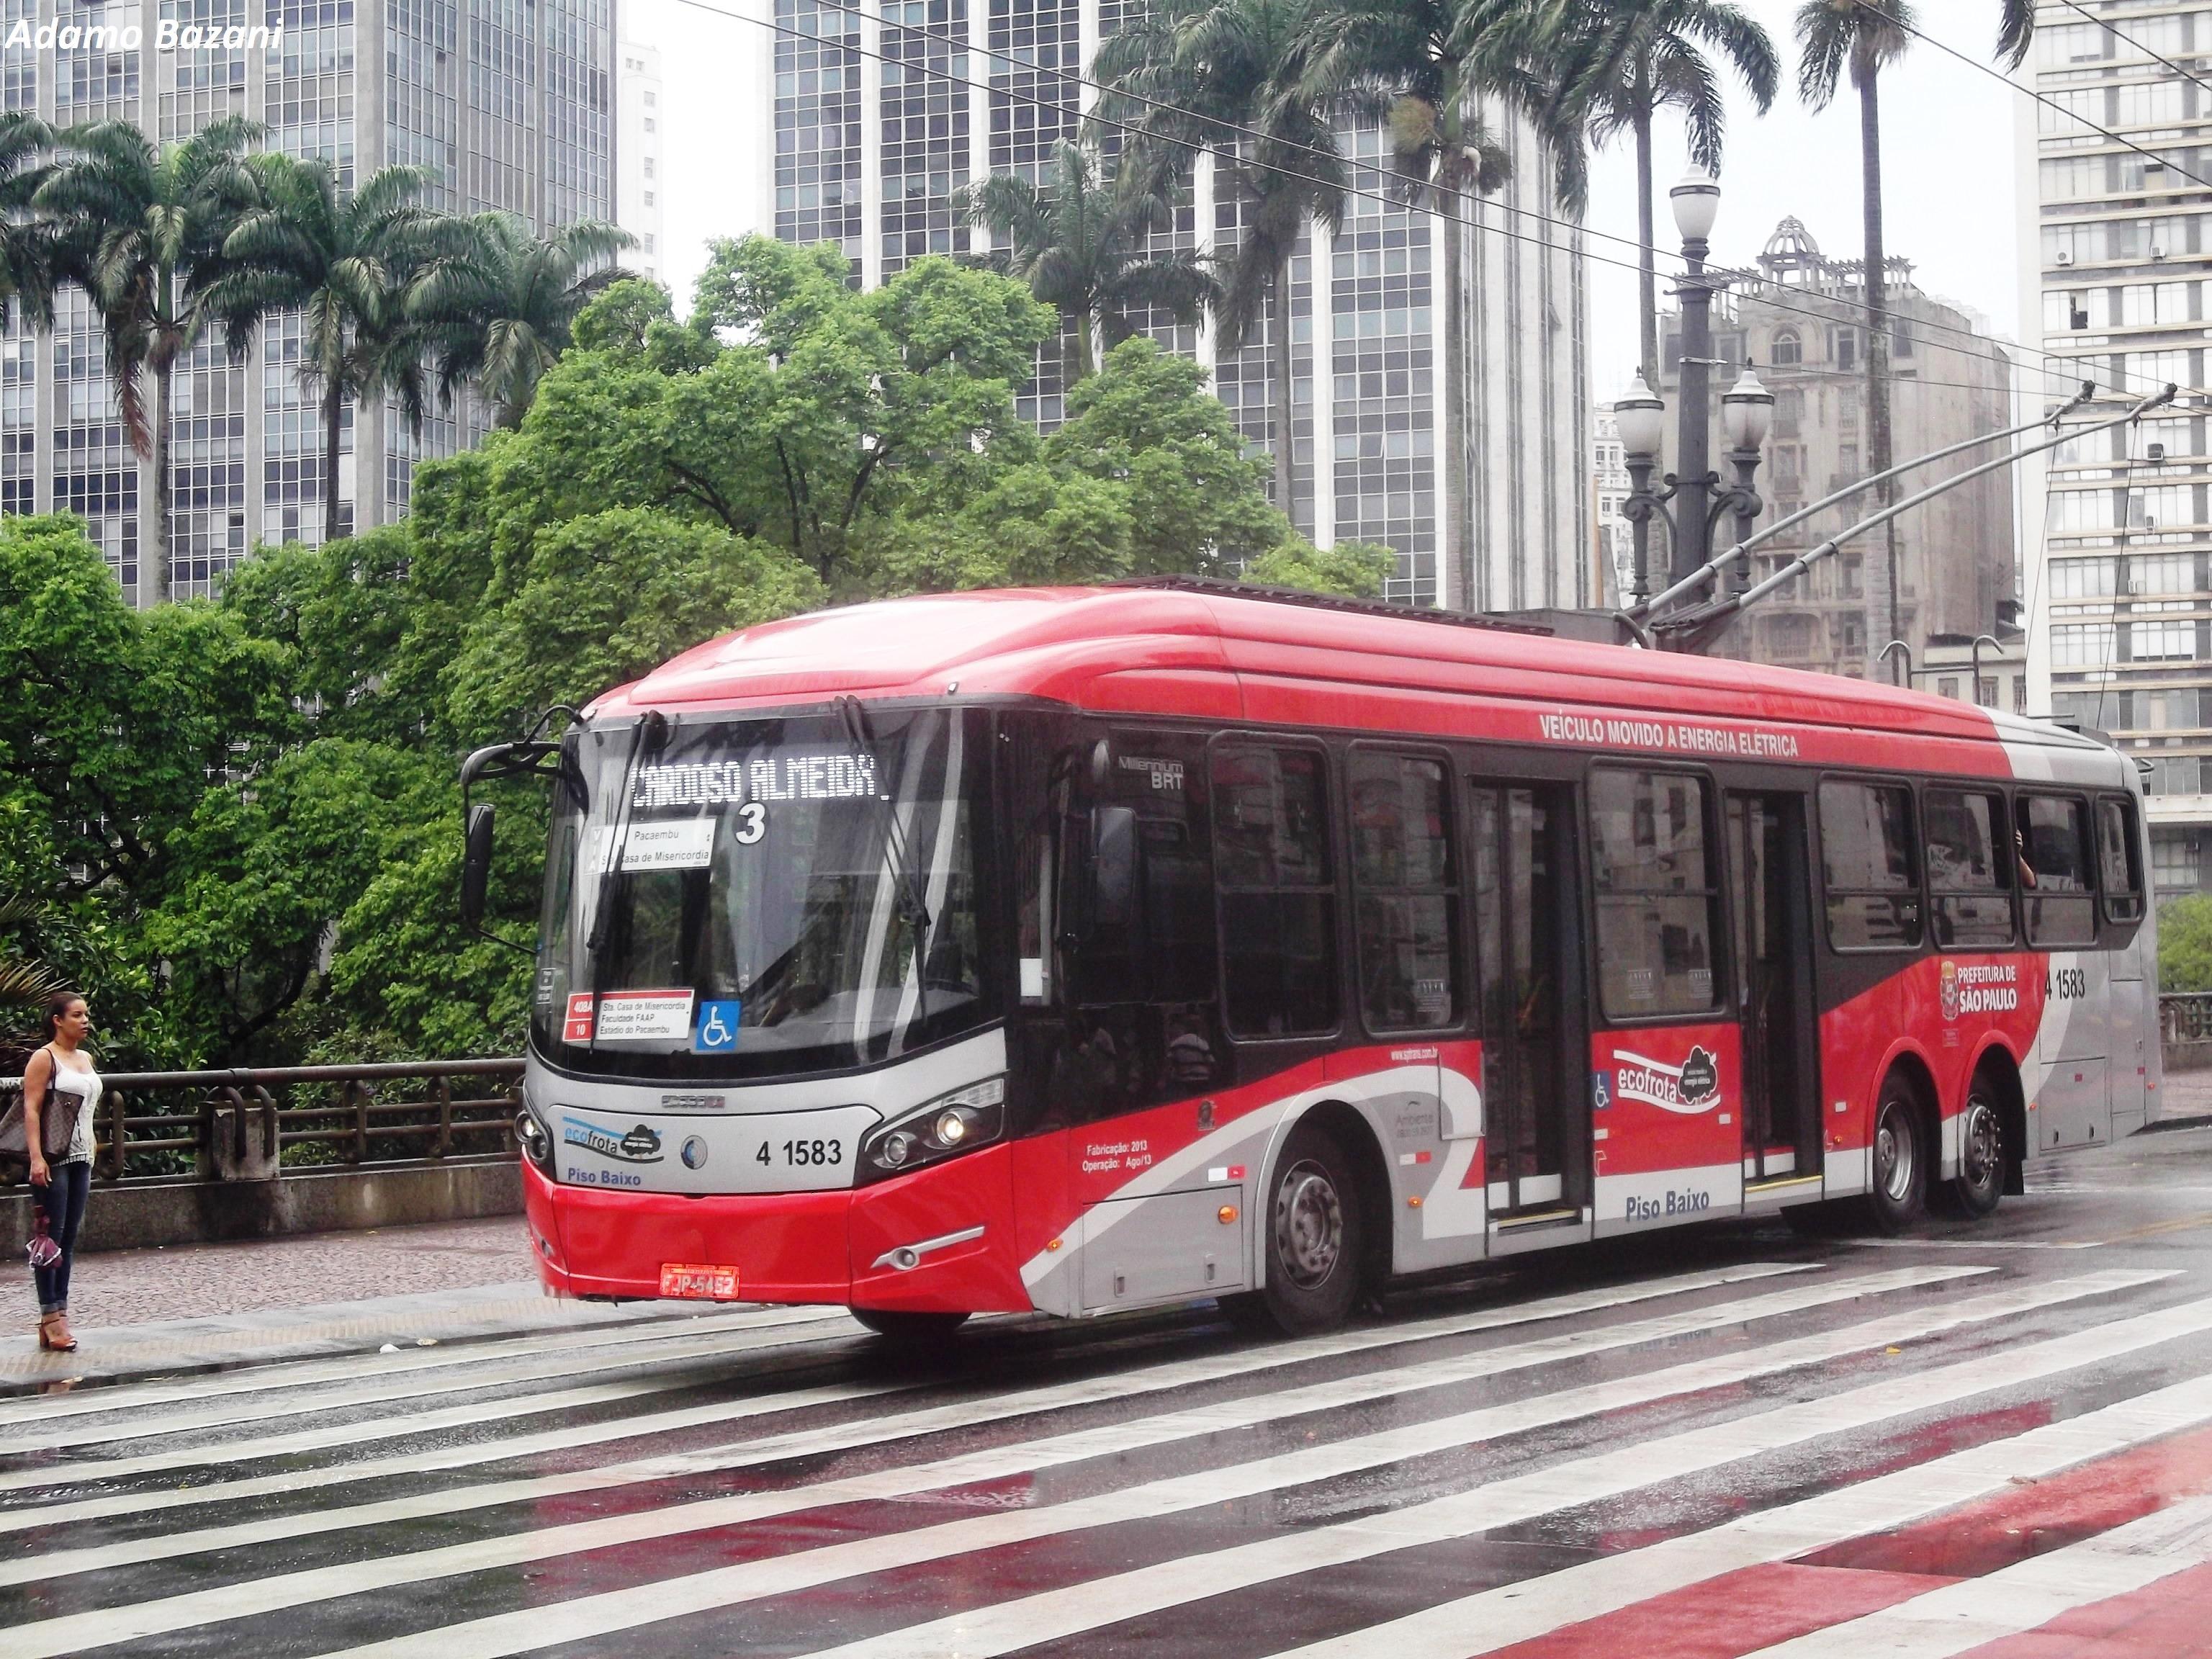 trólebus São Paulo